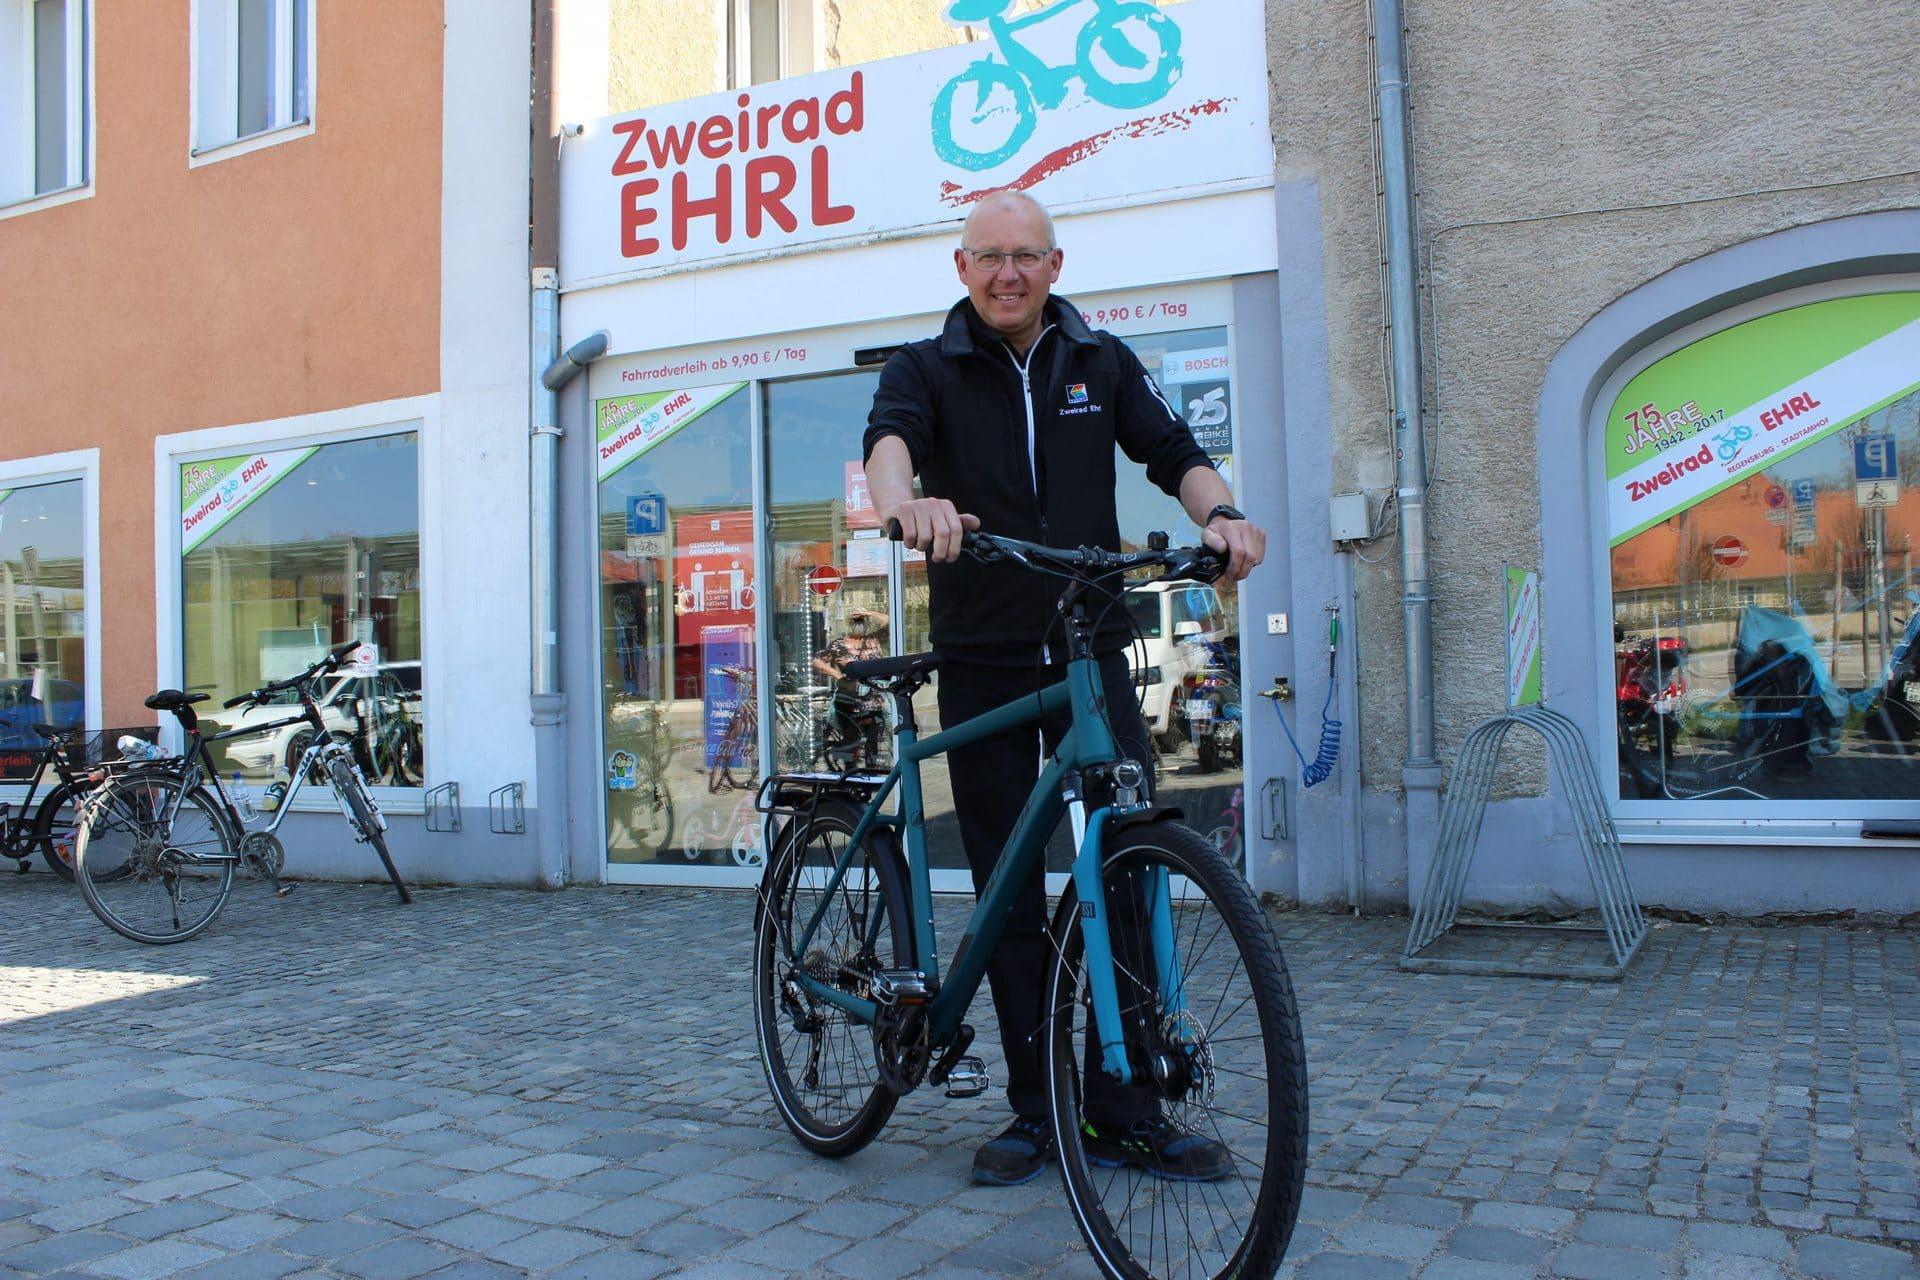 Macht Euer Radl wieder fit fürs Frühjahr! Zweiradmechaniker-Meister Fritz Ehrl gibt Tipps für den sicheren Start in die neue Saison